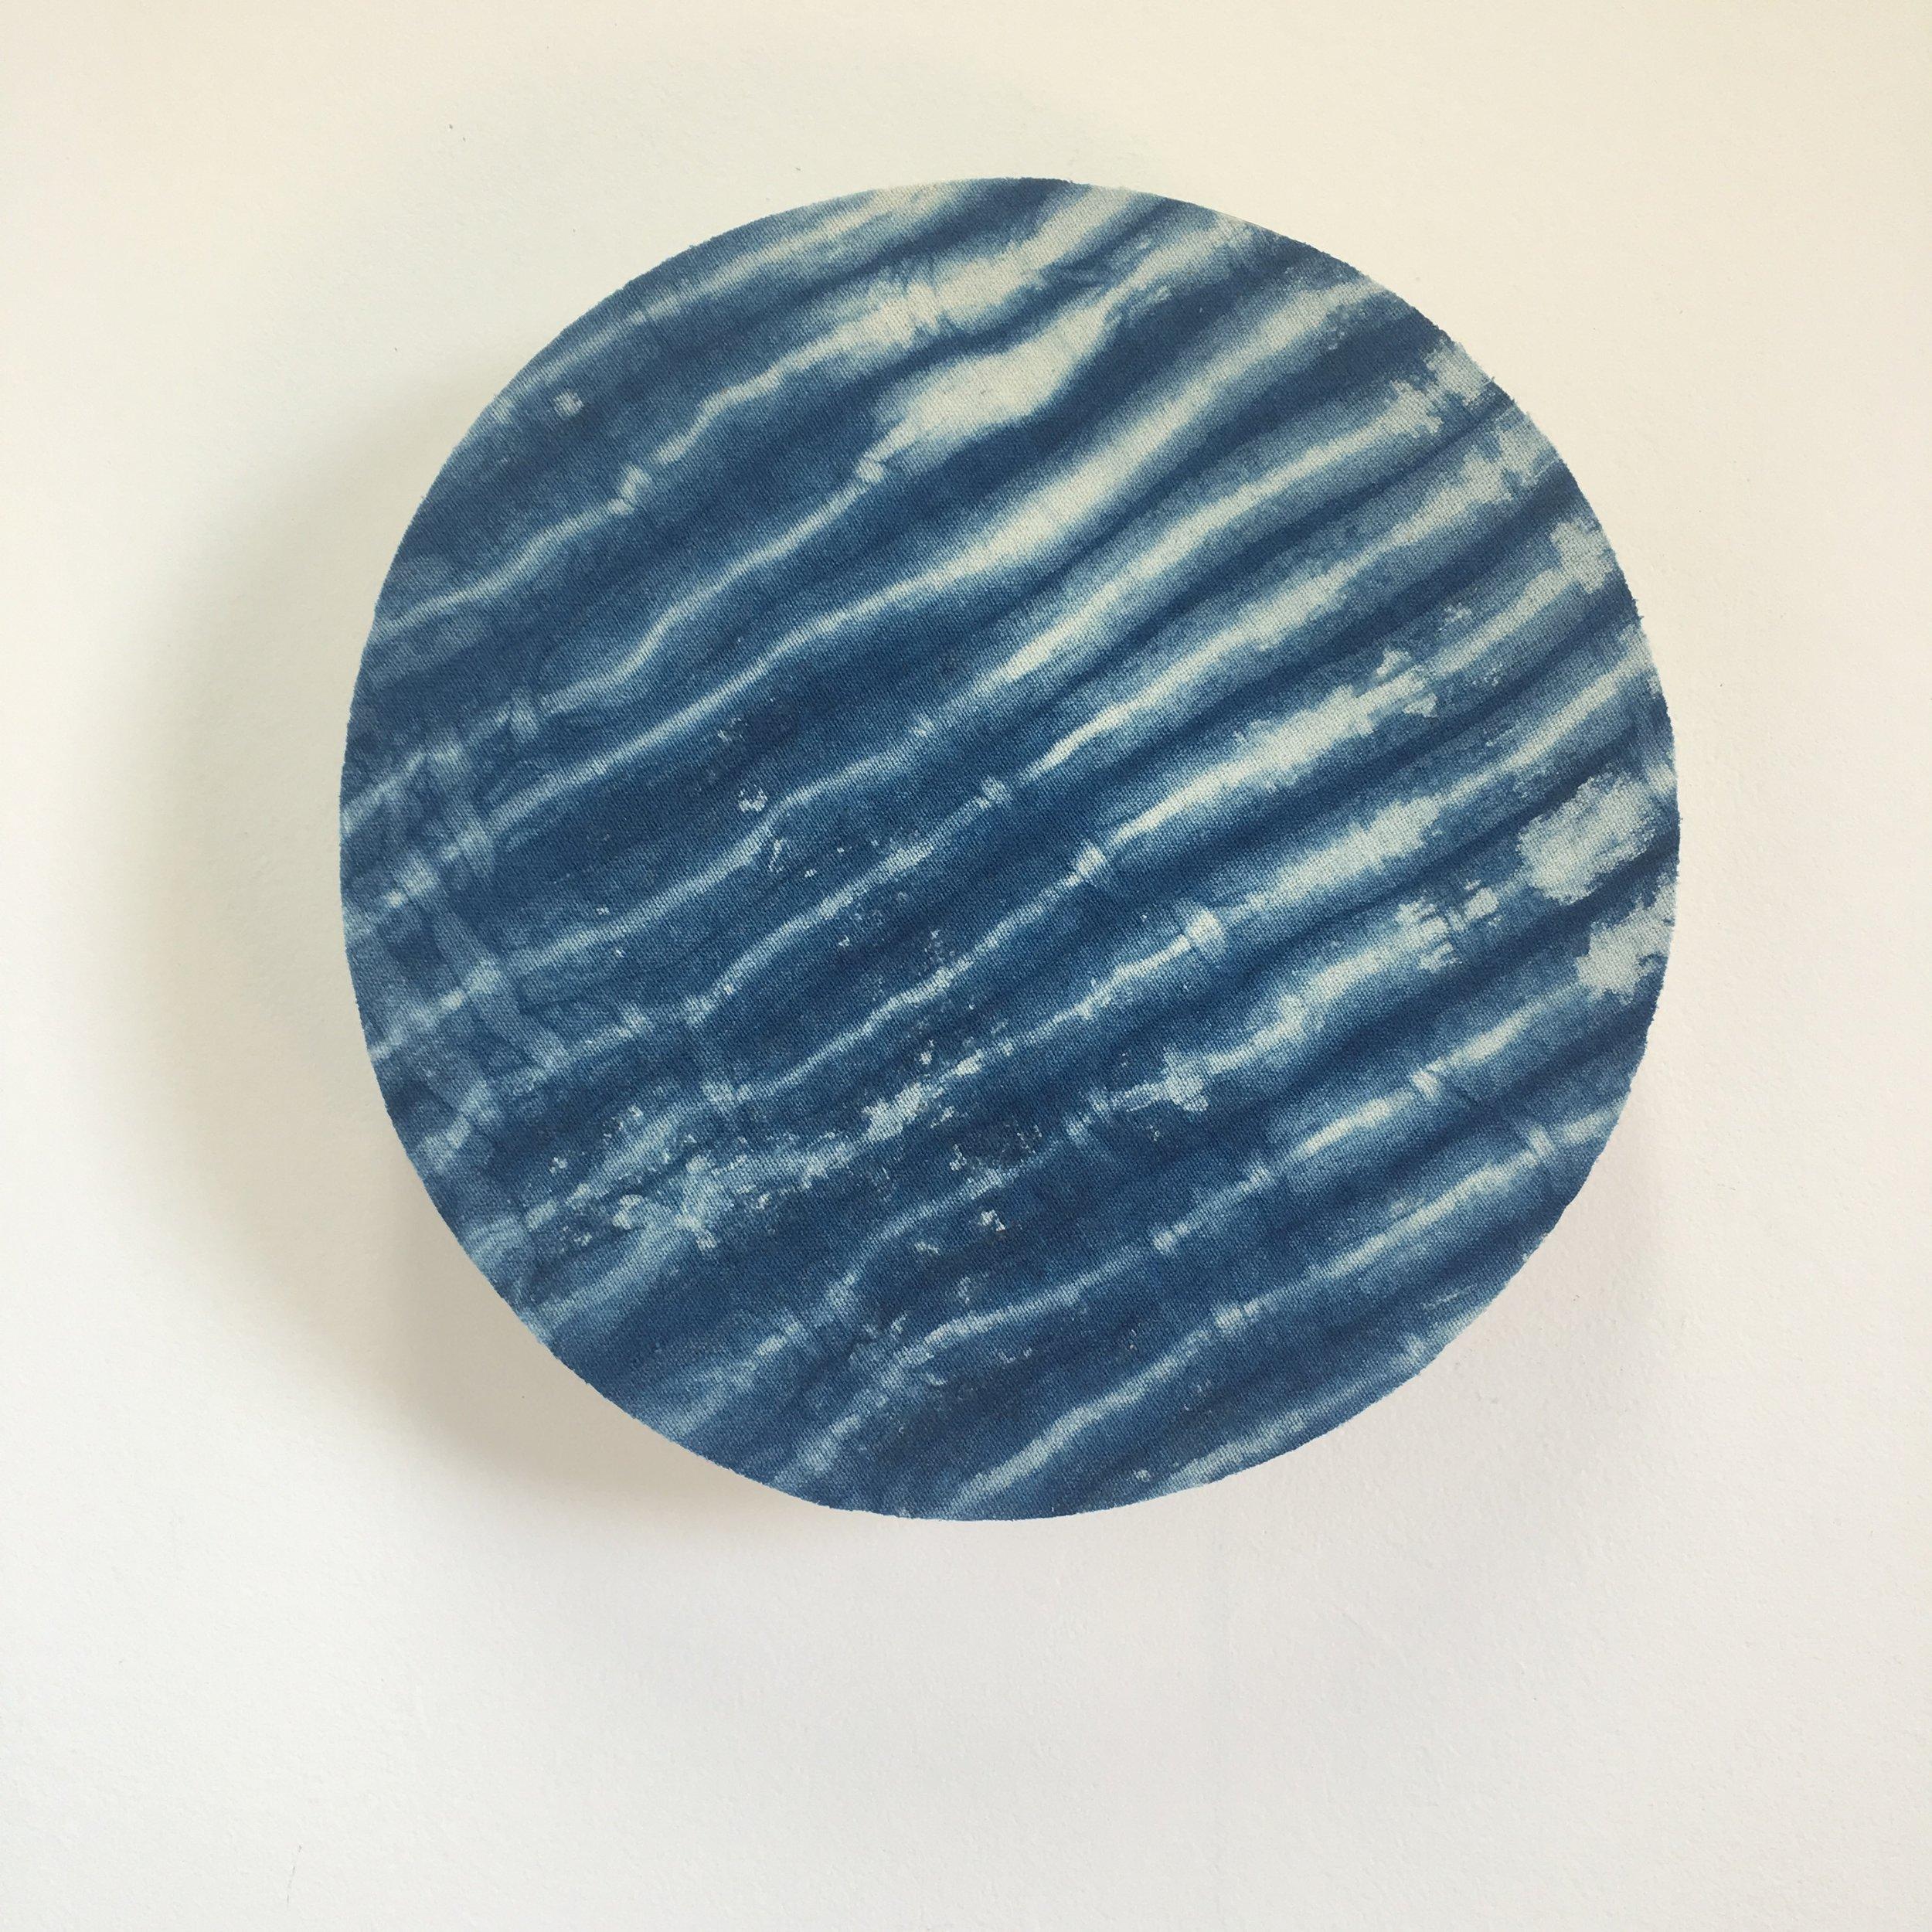 Indigo bound #3    Indigo dyed cotton mounted on layered plywood,340 x 340 x 70